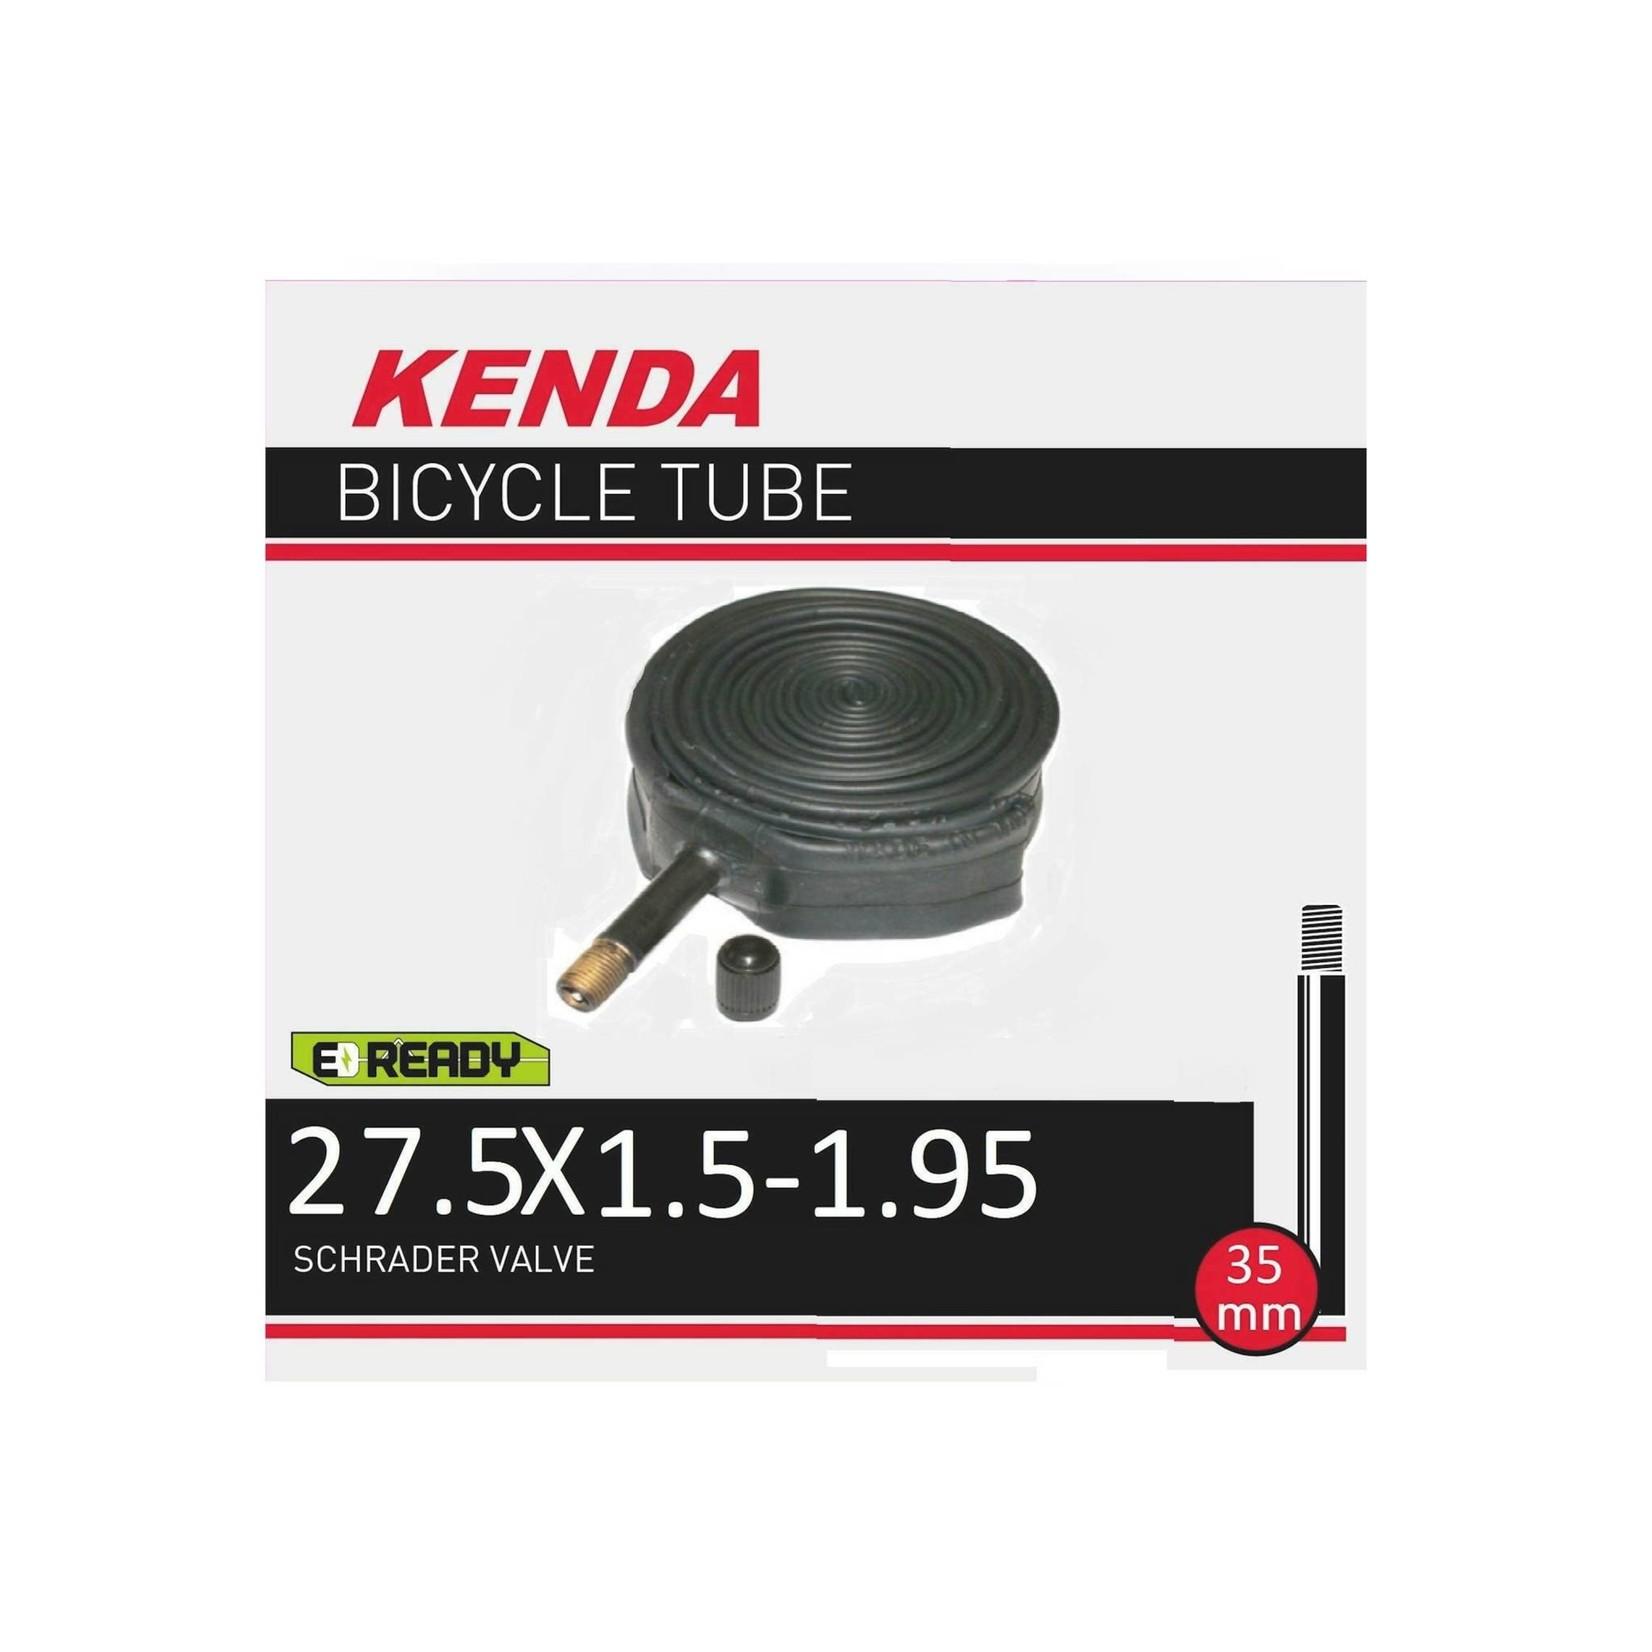 Kenda 27.5 x 1.5/1.95 Schrader Tube